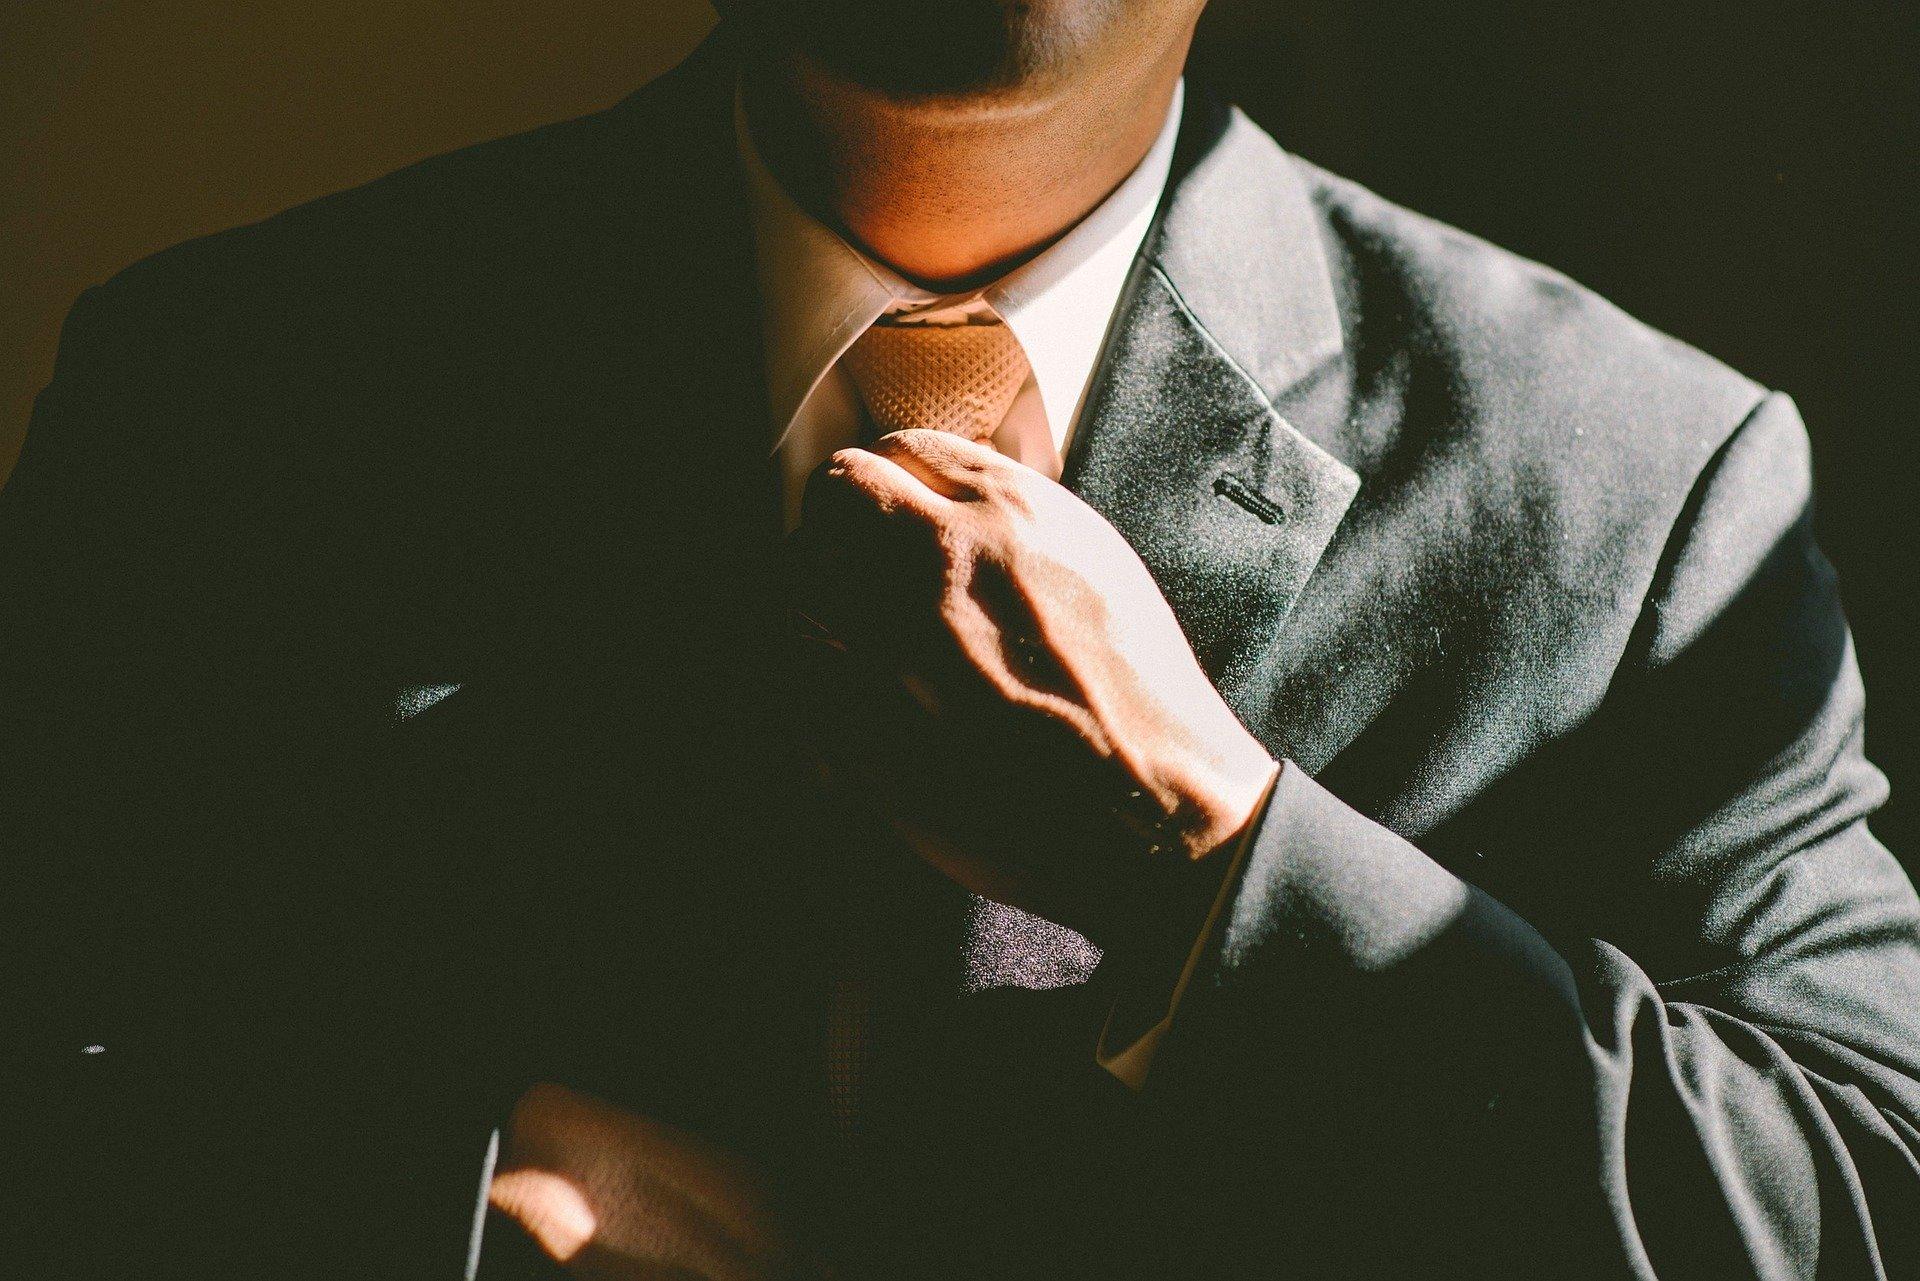 Avocat droit des affaires, avocat droit des sociétés, litiges dirigeant, contentieux dirigeants, avocat responsabilité dirigeant, action contre dirigeant, procédure judiciaire dirigeant